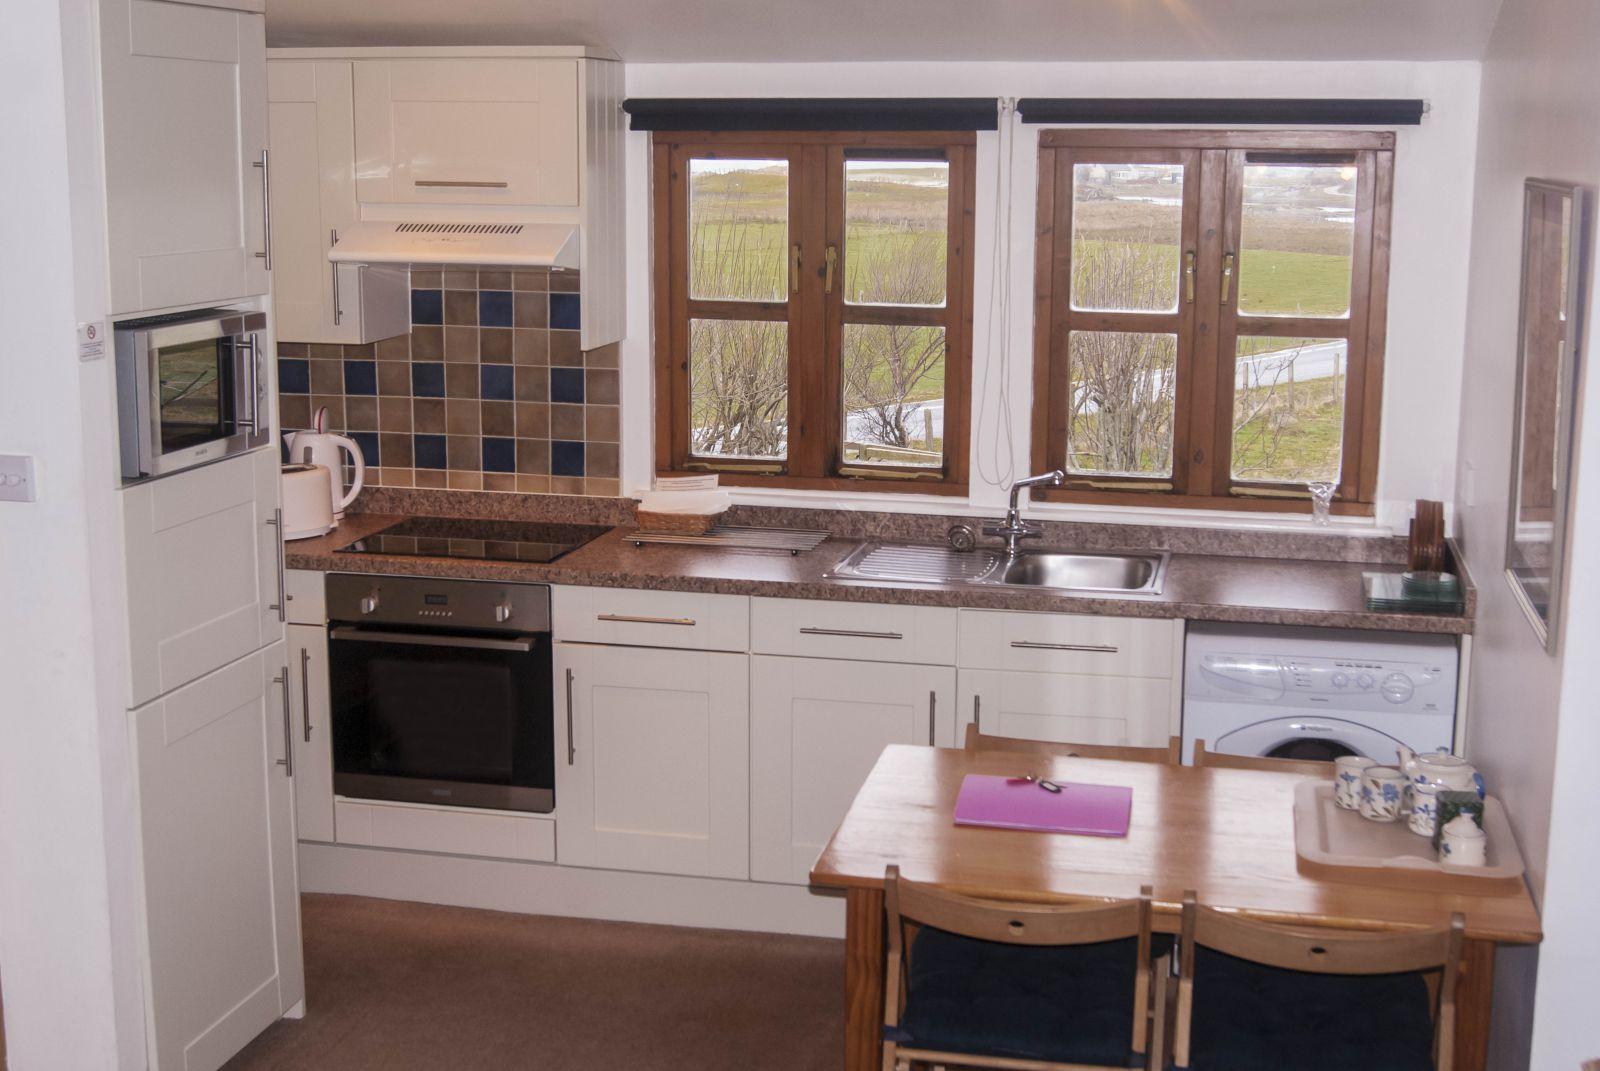 Island View Kitchen